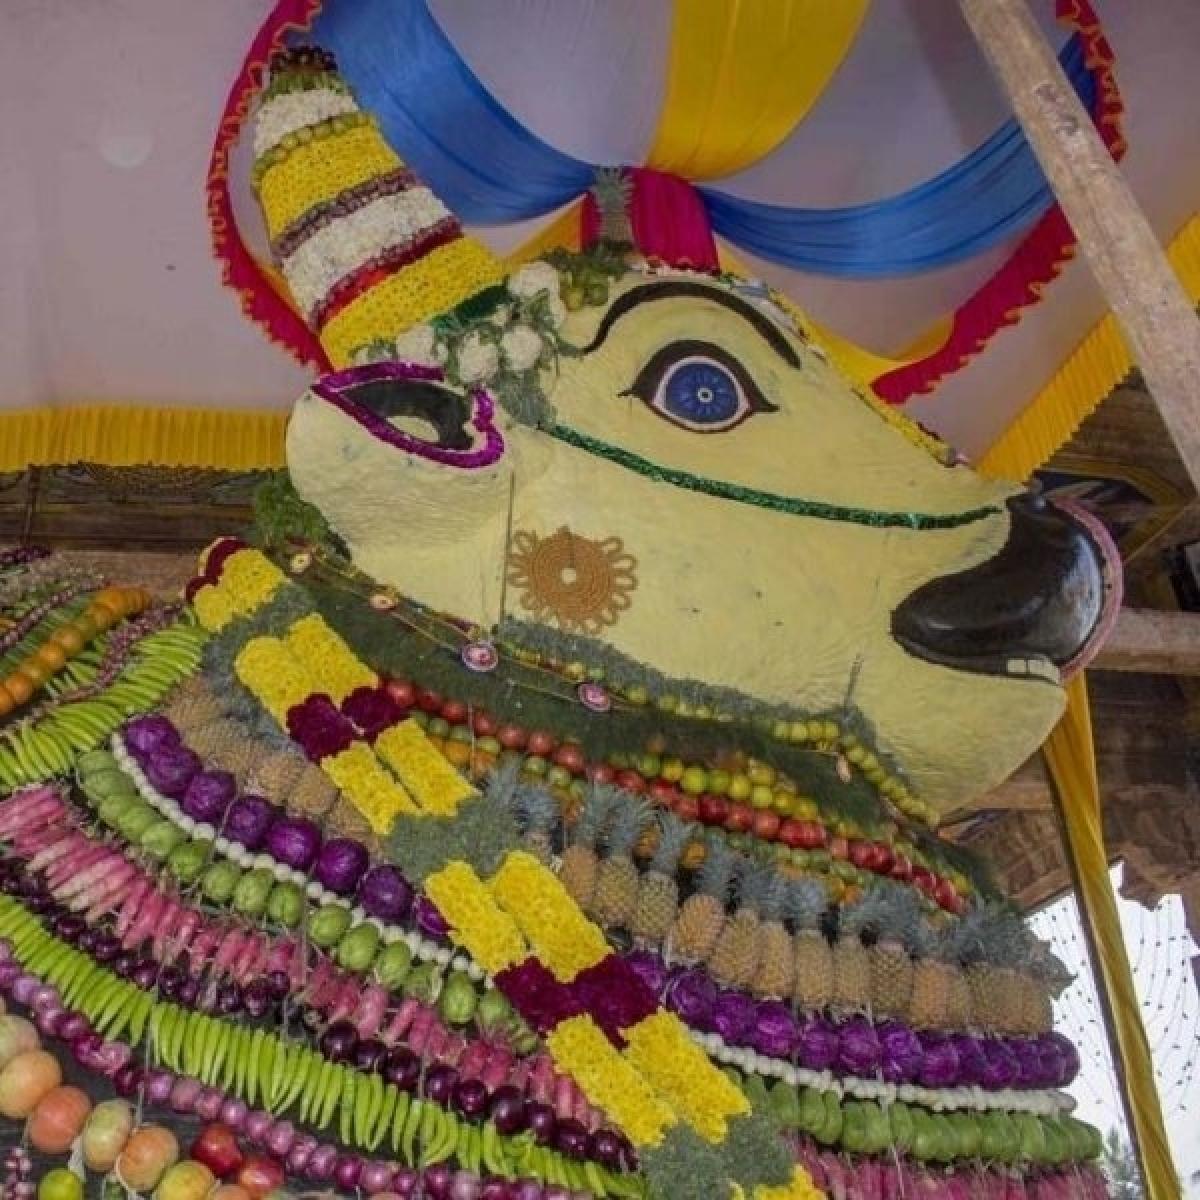 சனி மகாபிரதோஷத்தின் 17 பலன்கள்!